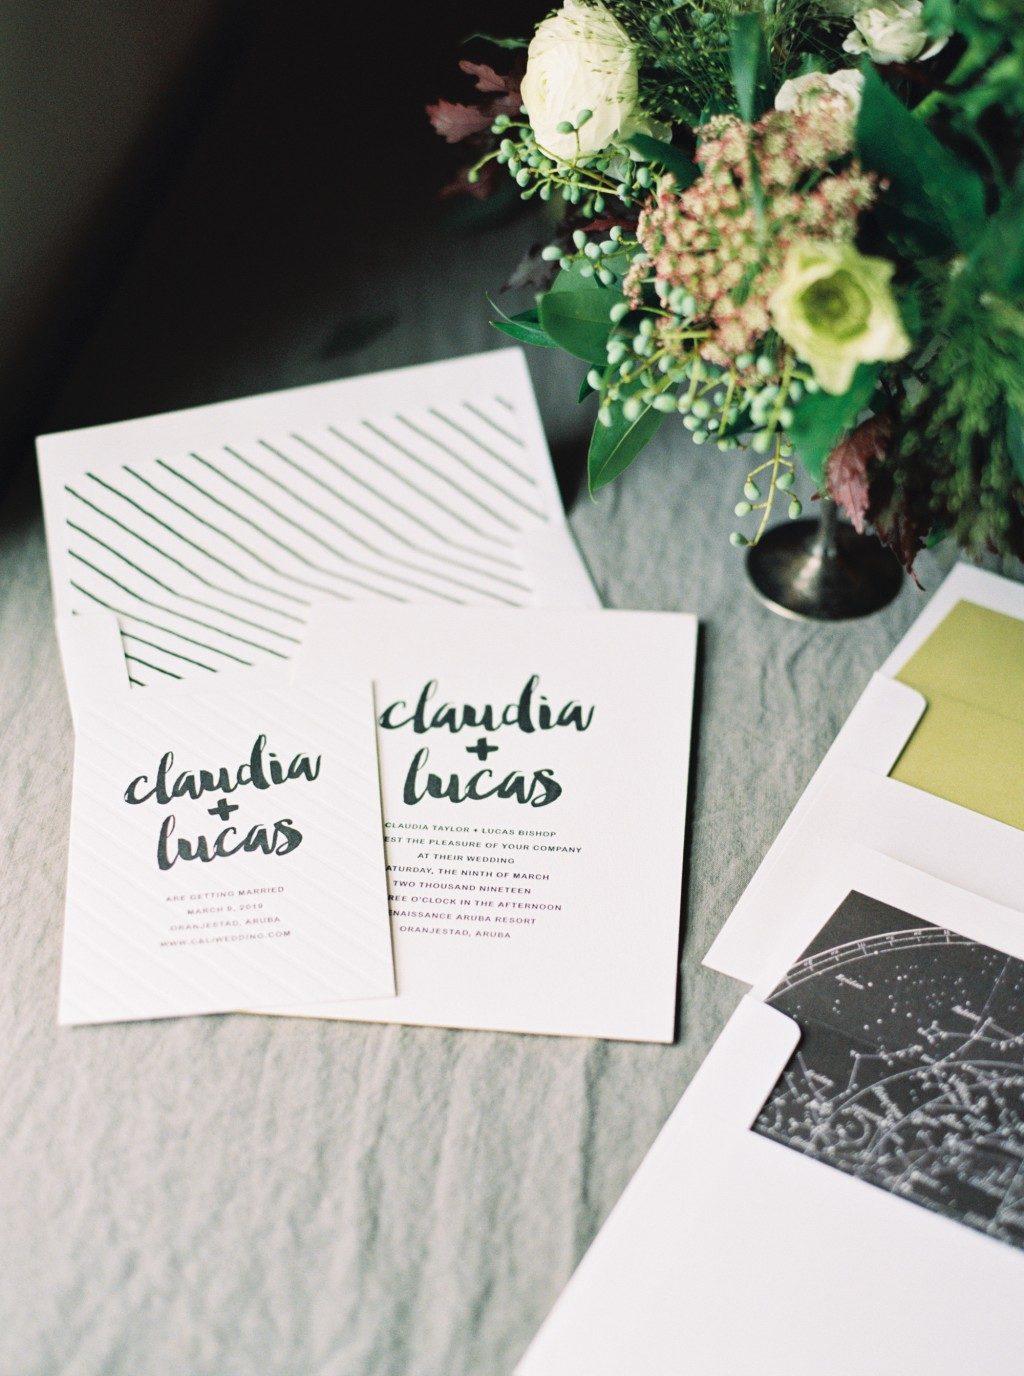 Splash letterpress wedding invitations by Lindsy Talarico